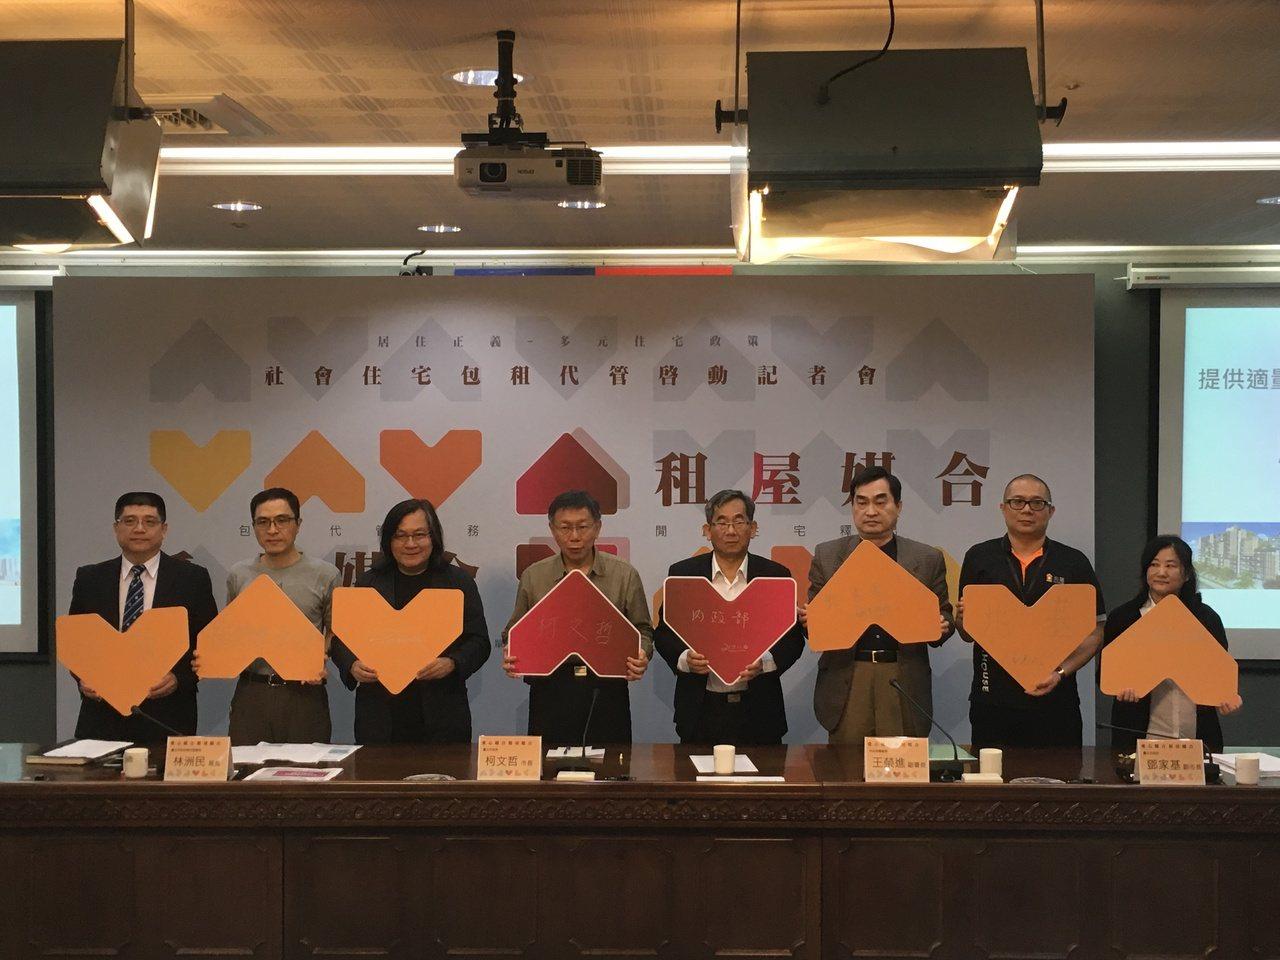 台北市長柯文哲今天出席「106年度社會住宅包租代管計畫」啟動儀式。記者張世杰/攝...